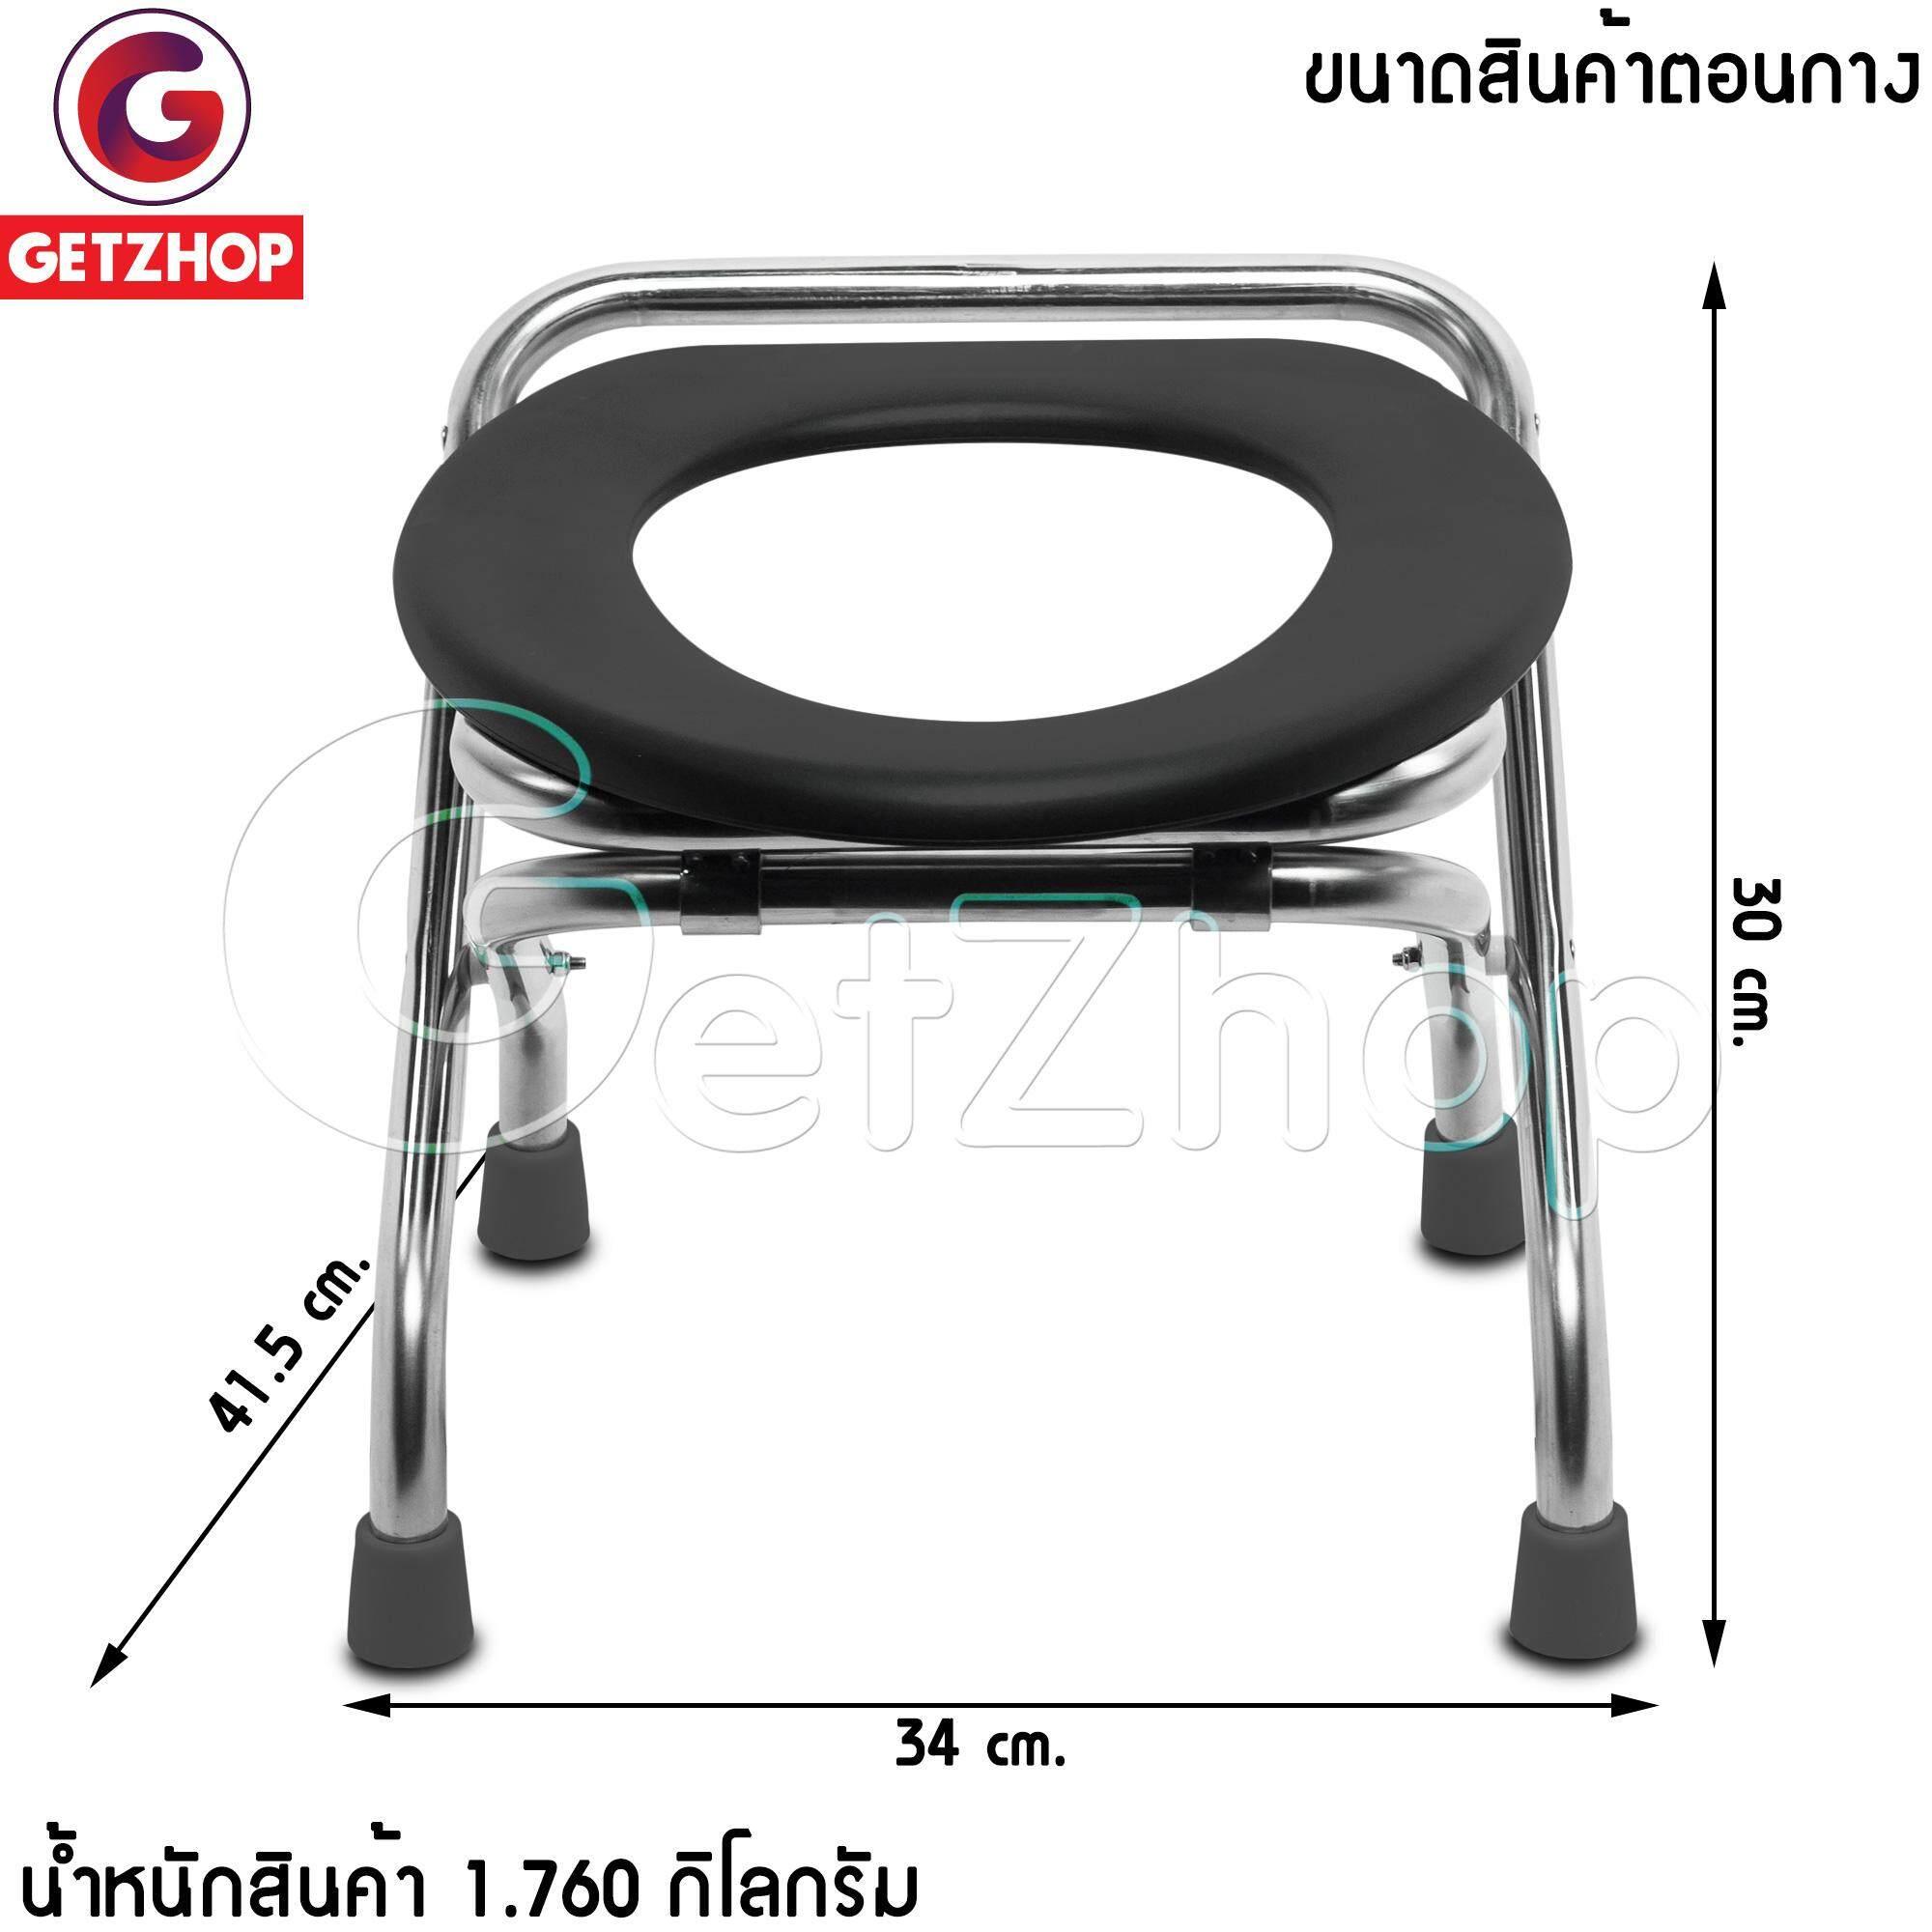 Getservice ส้วมเคลื่อนที่ เก้าอี้นั่ง ส้วมพกพา Portable toilet เก้าอี้นั่งถ่ายสแตนเลส เก้าอี้ส้วม เก้าอี้4ขาพับได้ Thaibull รุ่น TL002 (สแตนเลส)